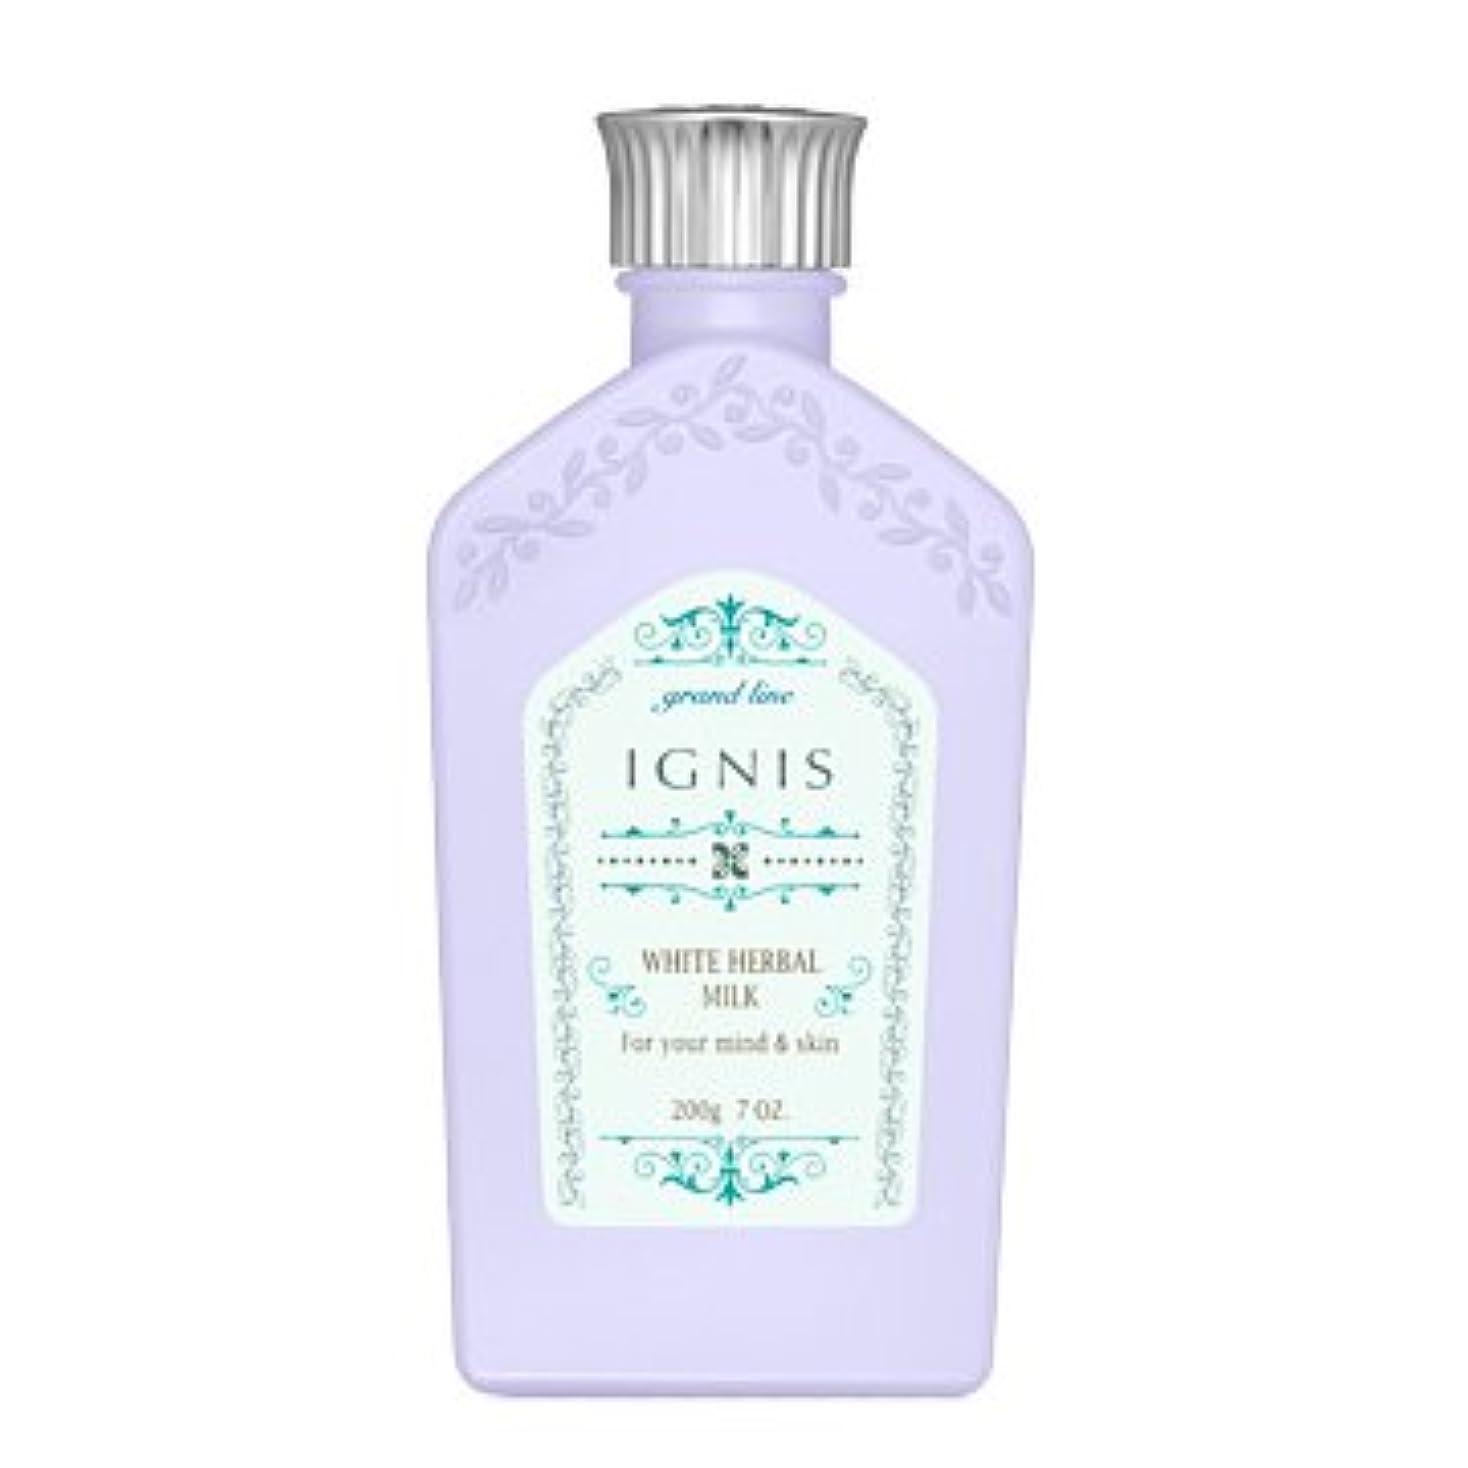 アルビオン イグニス ホワイトハーバル ミルク 200g 薬用美白乳液